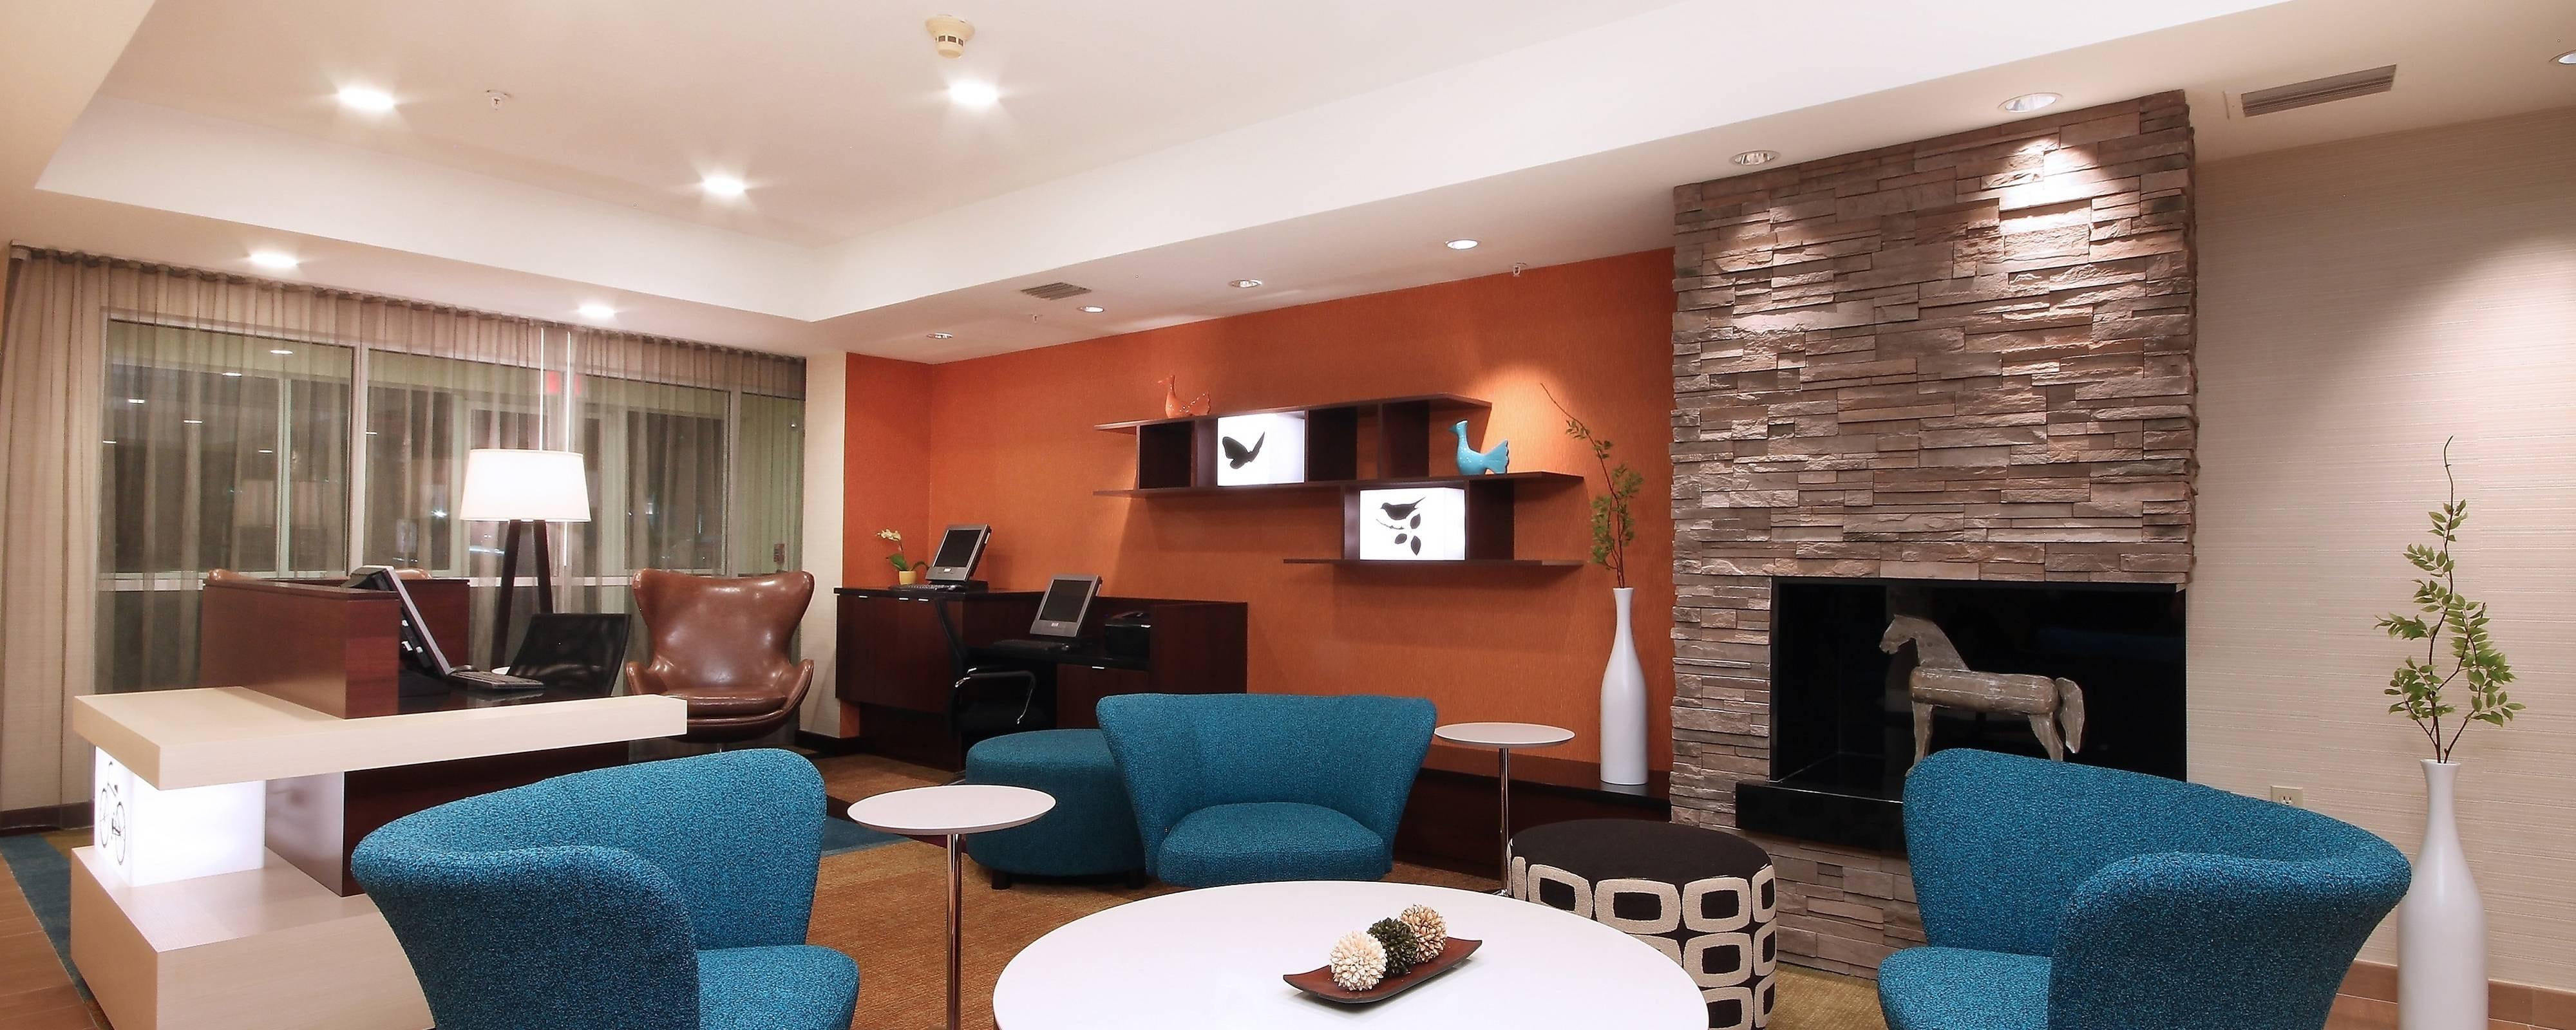 Lobby del hotel en Las Colinas